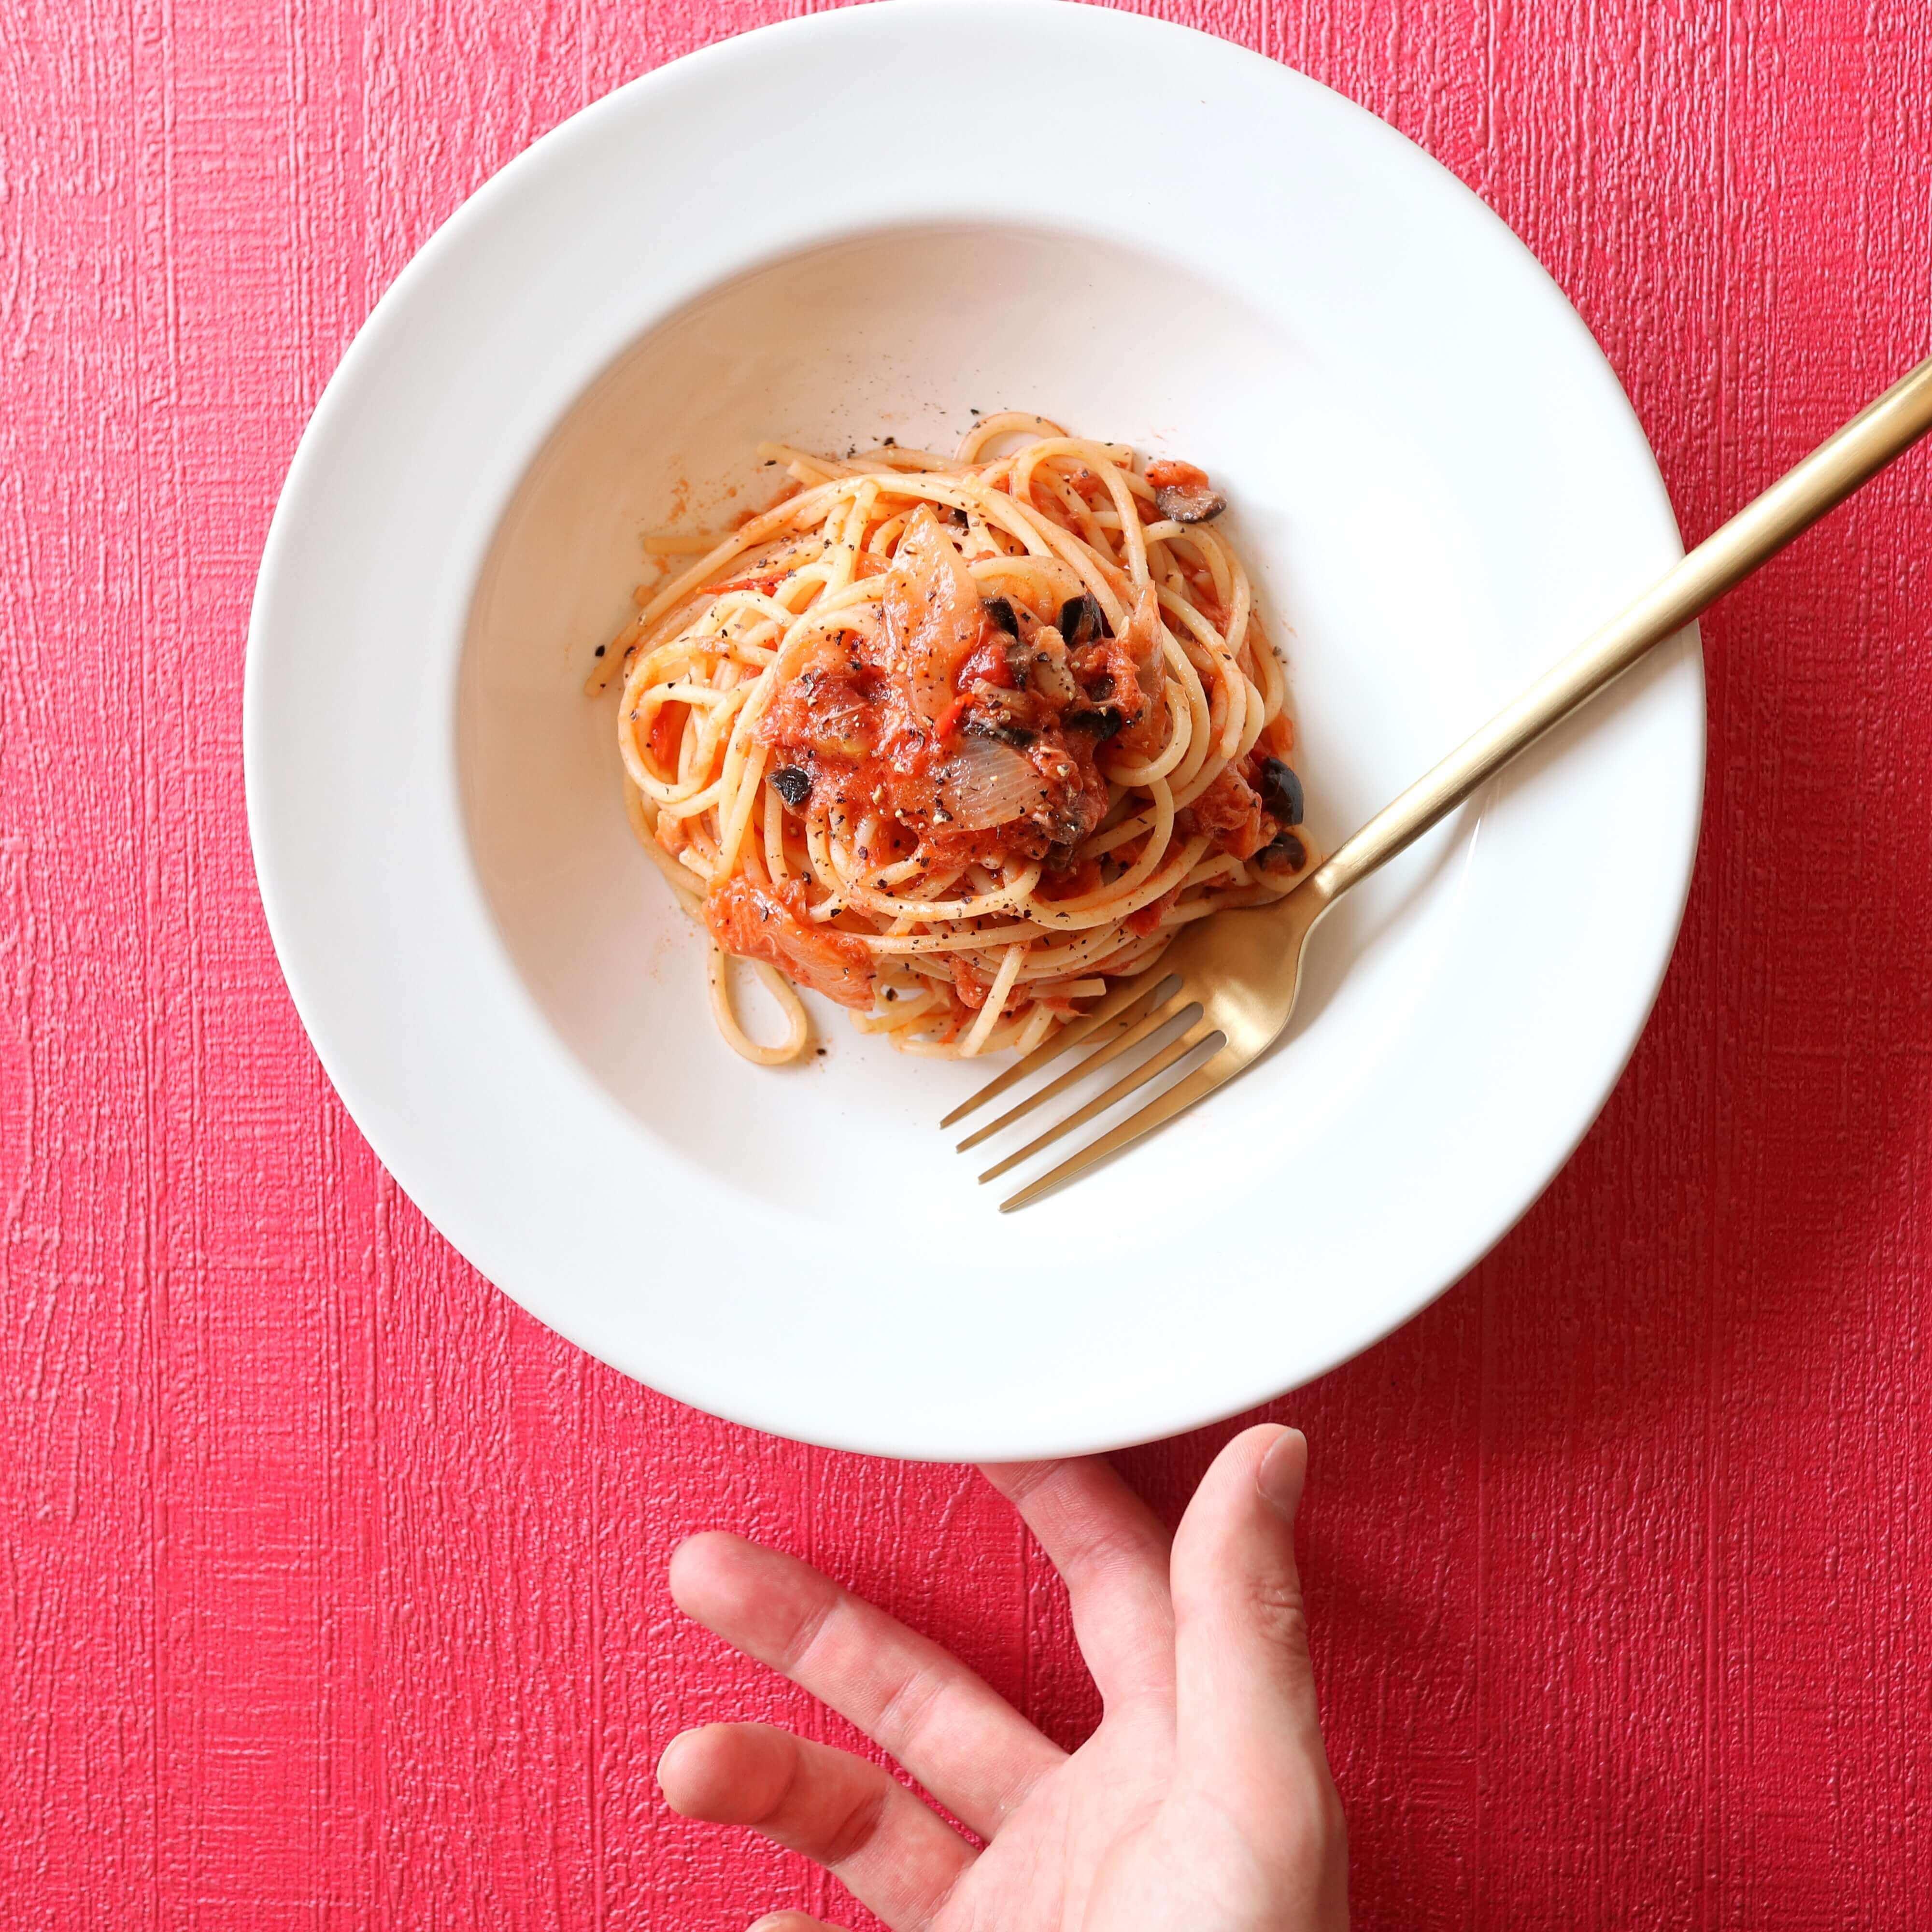 【大絶賛】ツナとオリーブのトマトパスタのレシピ